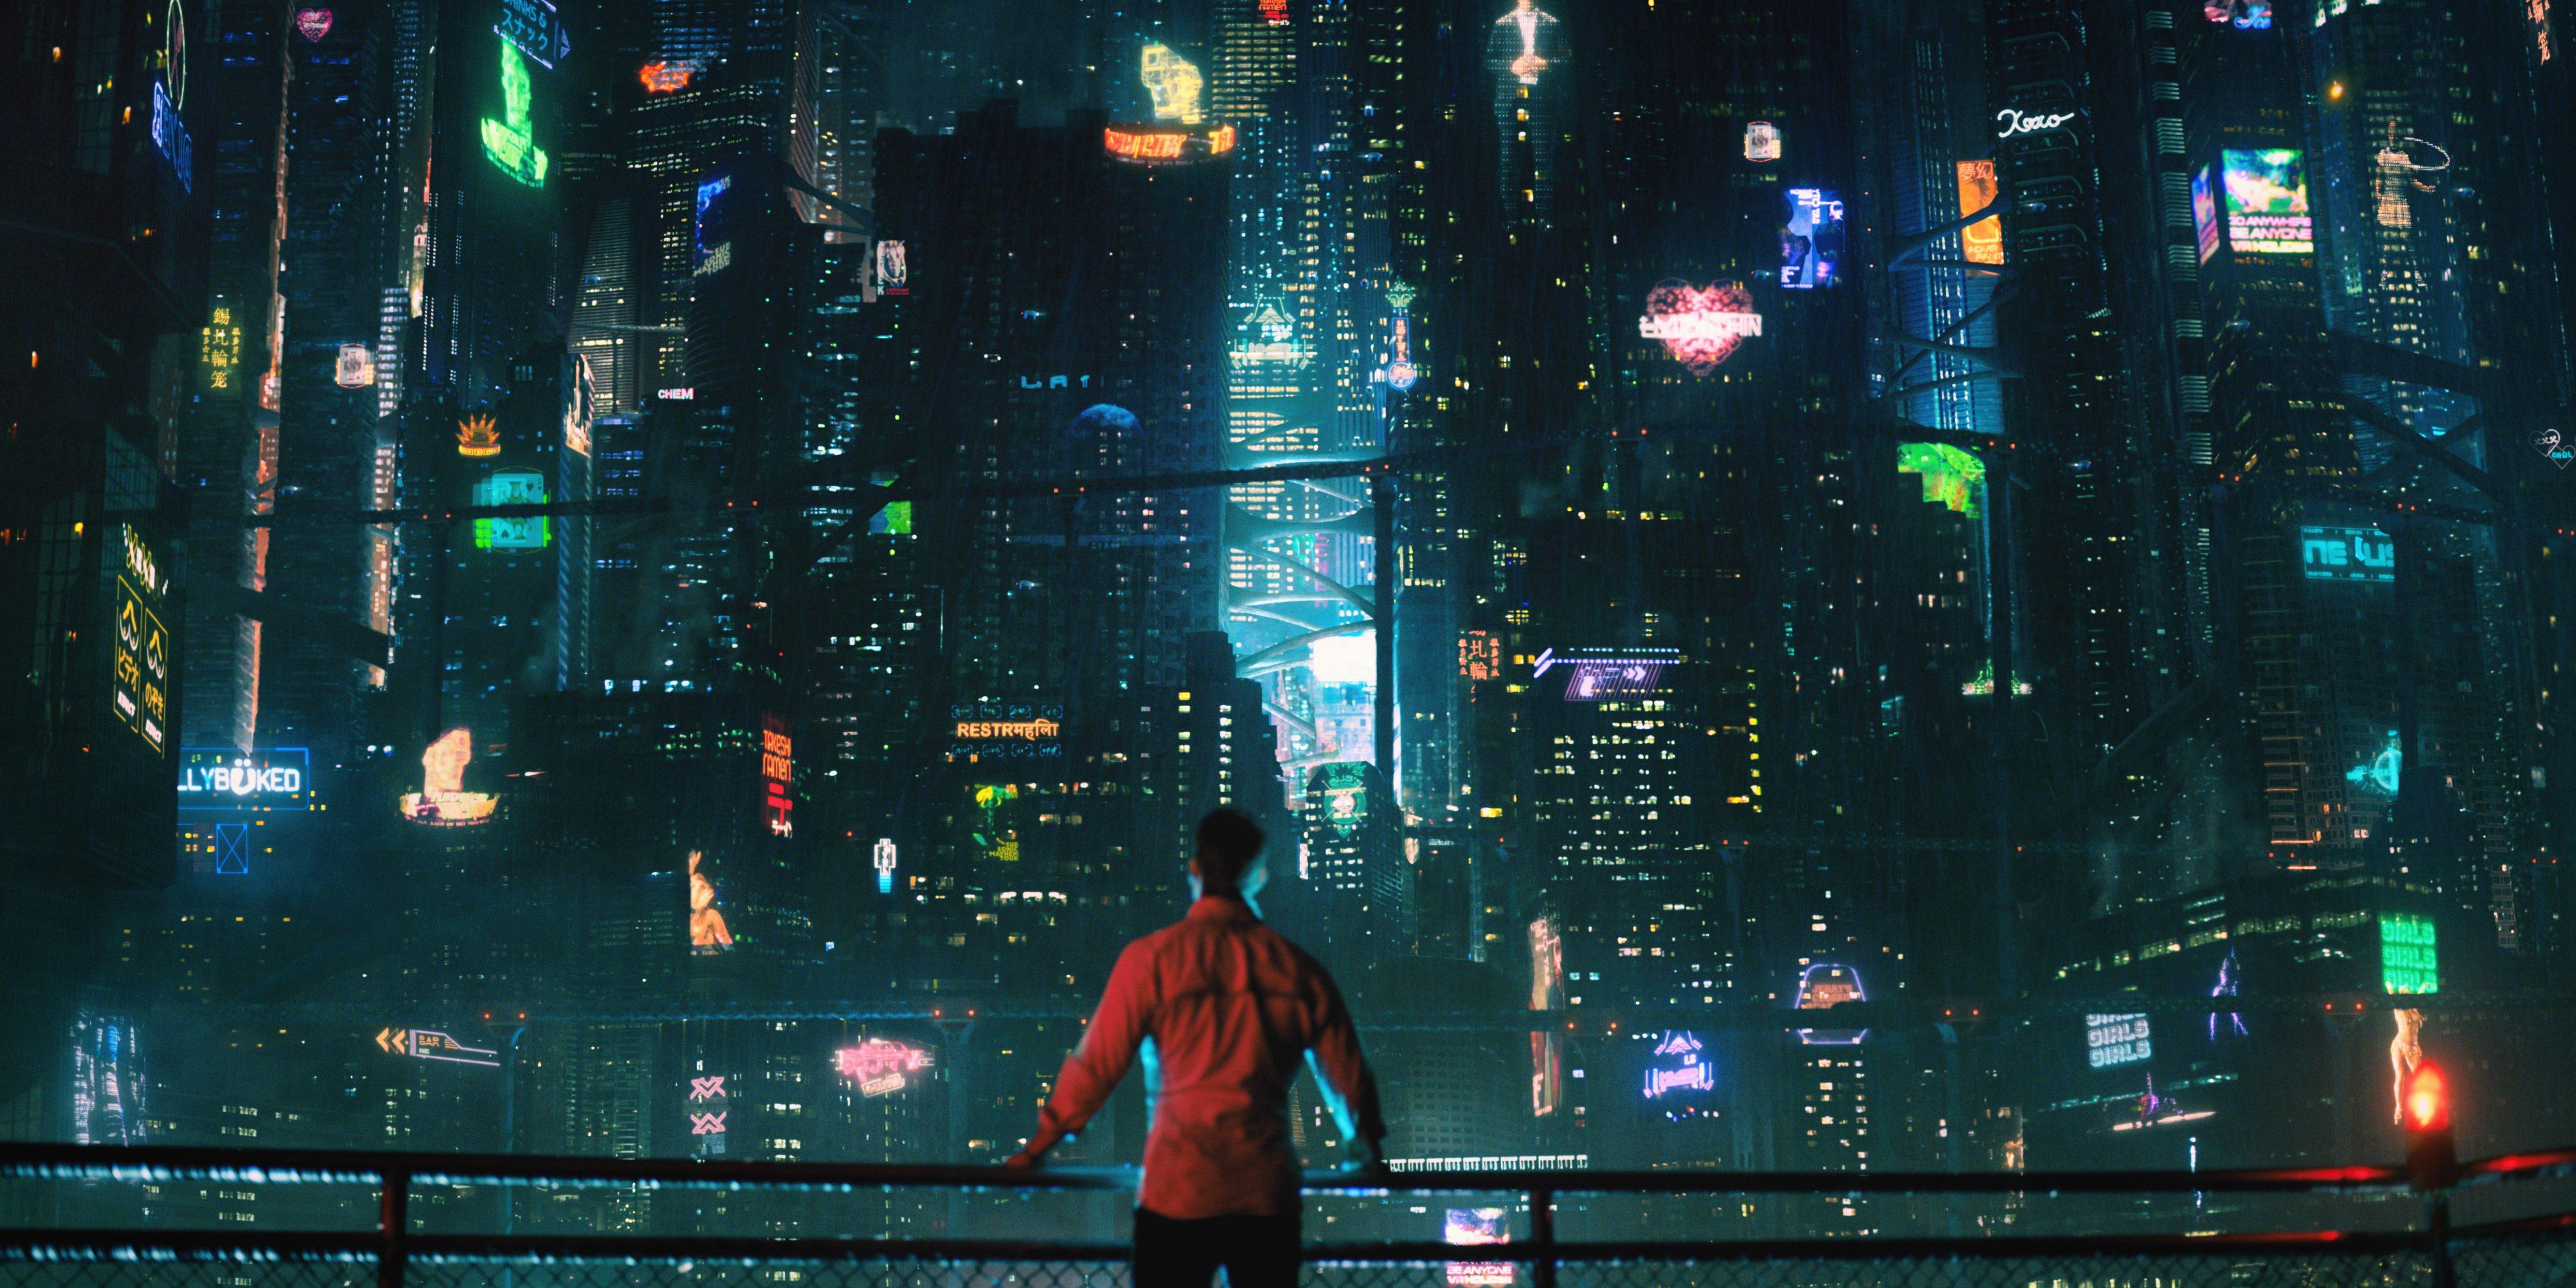 Netflix e i contenuti di genere sci-fi